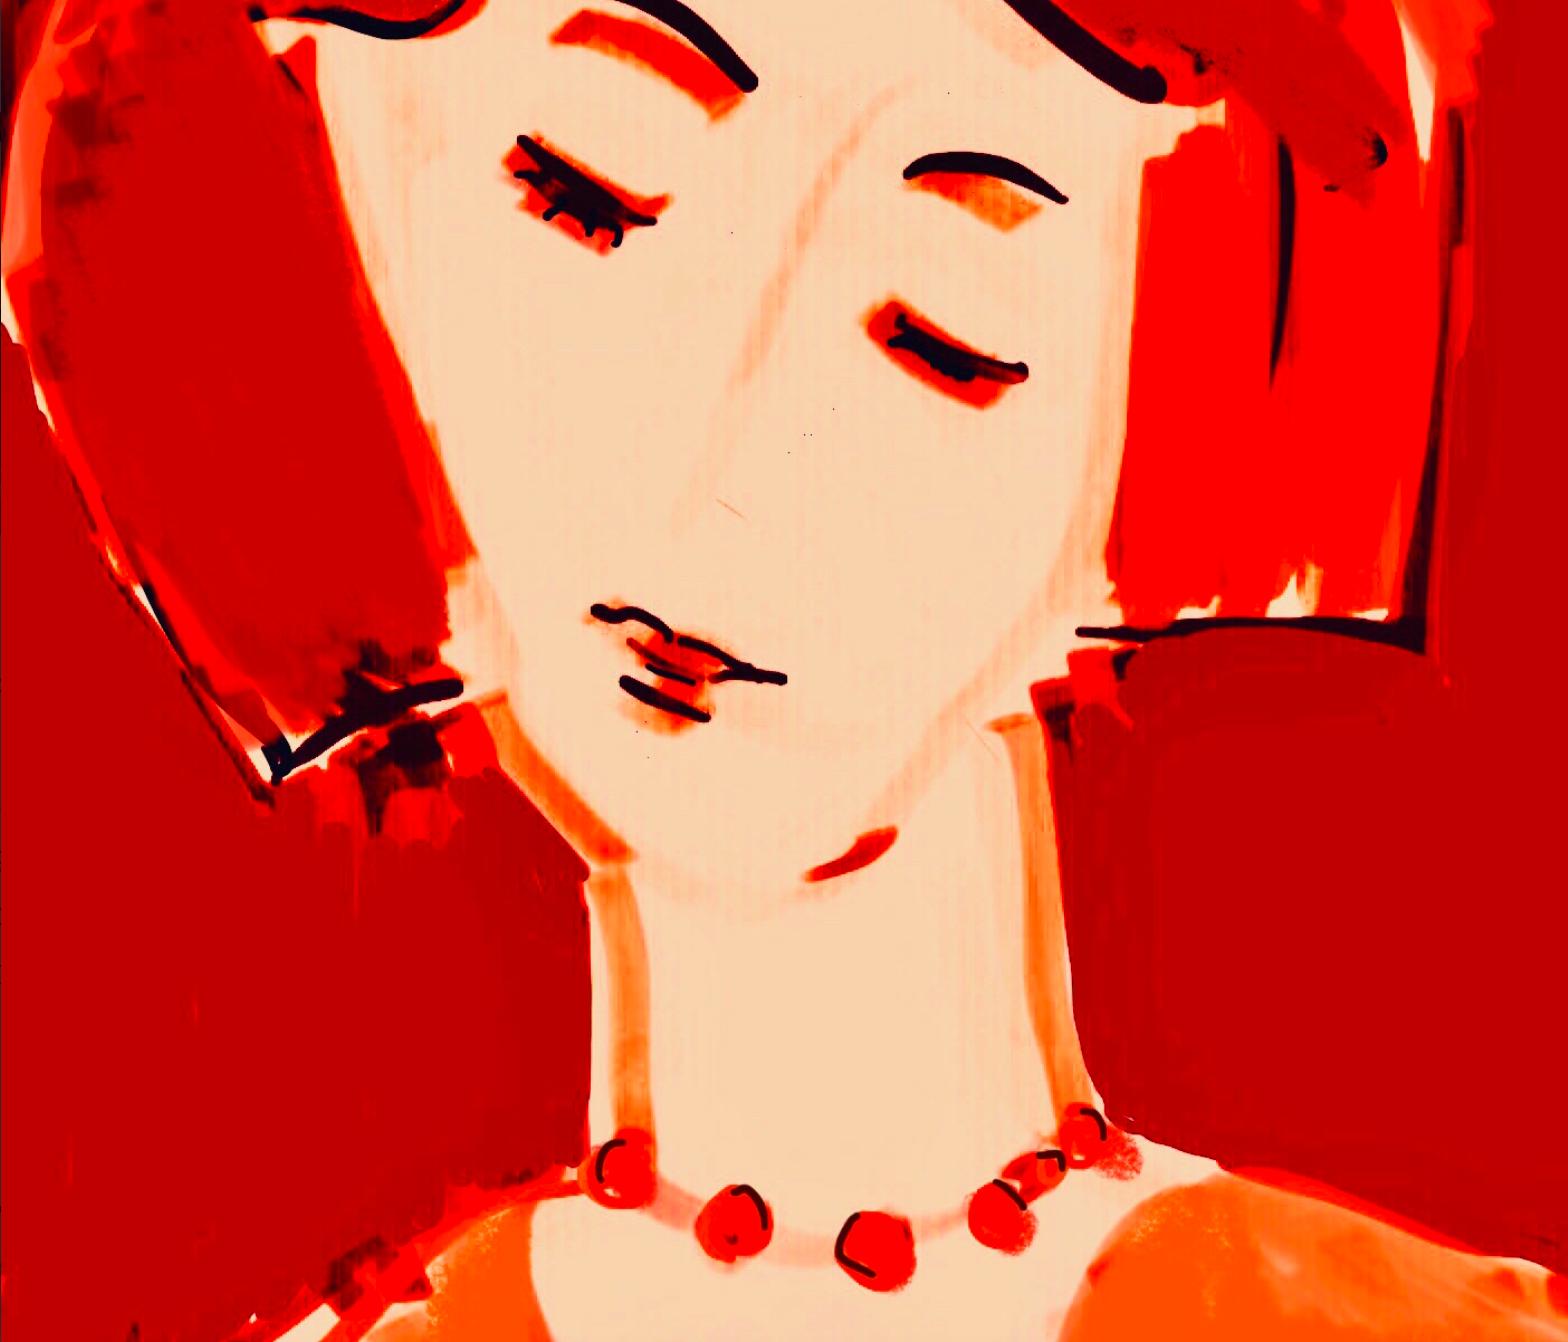 Artist Peter Moolan Feroze